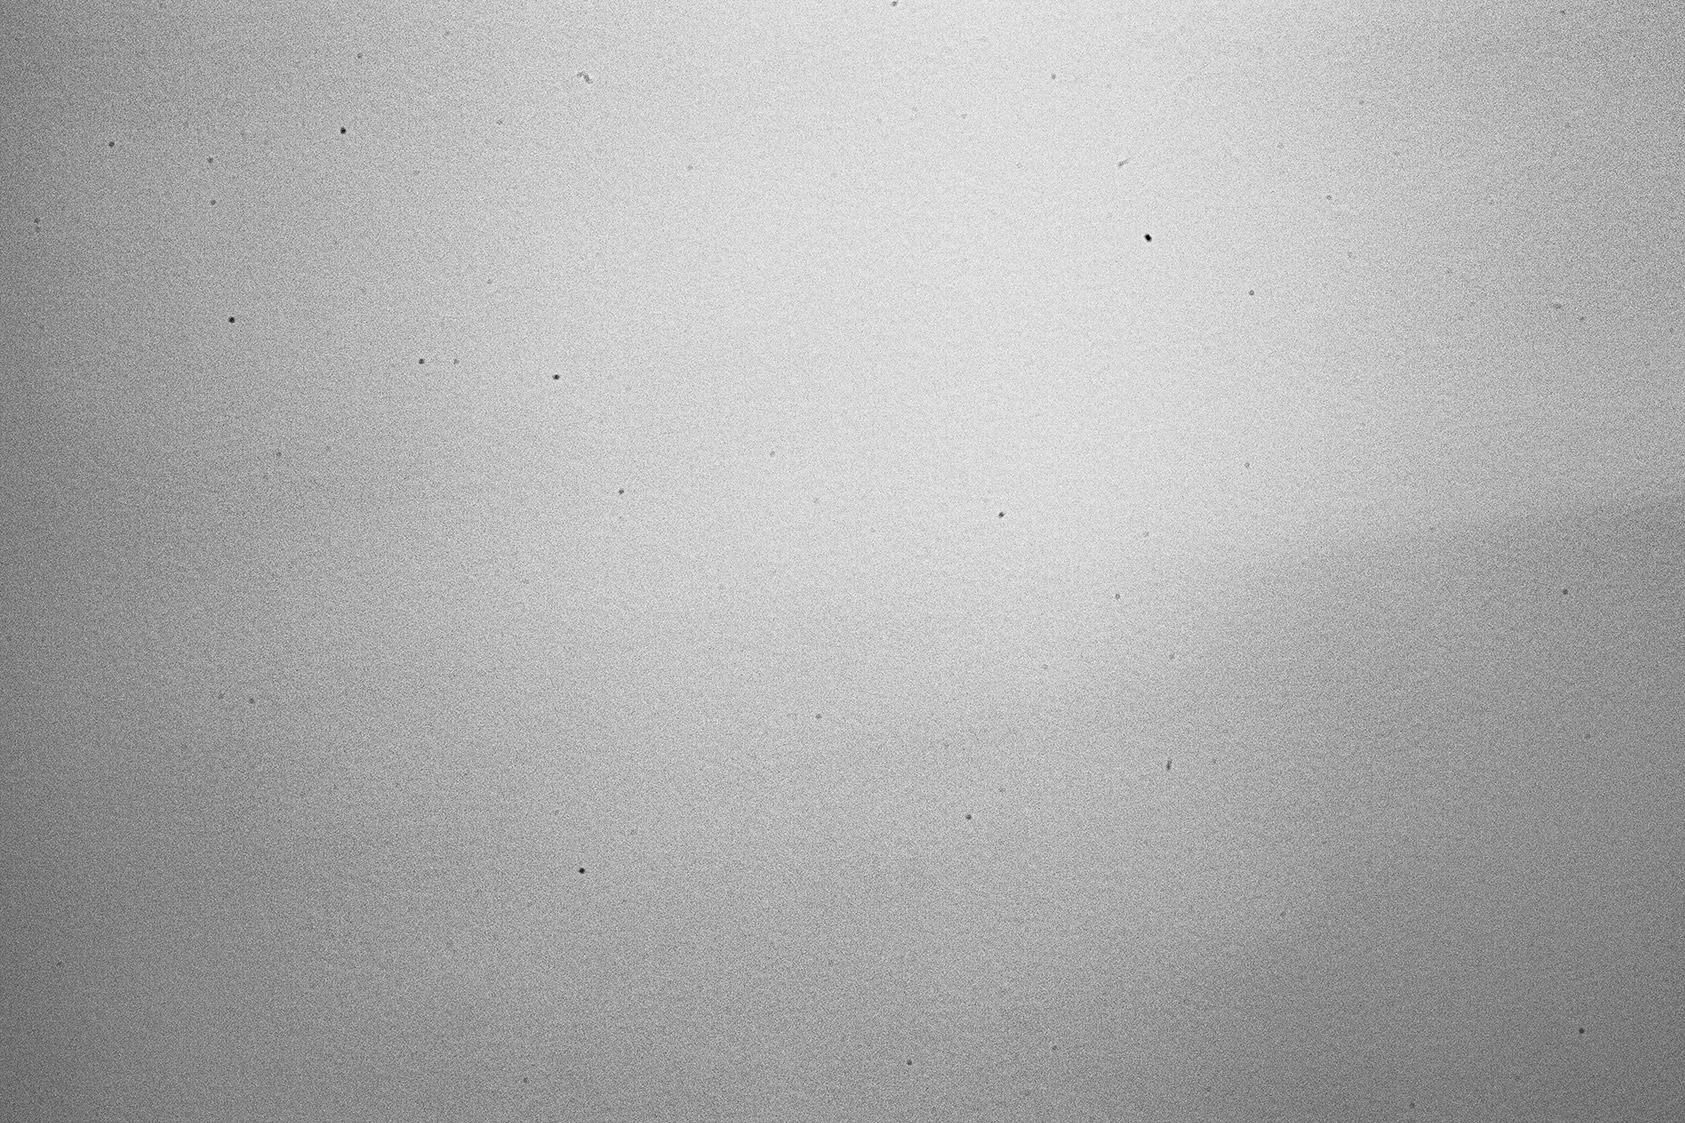 Canon 50mm prime showing sensor dust